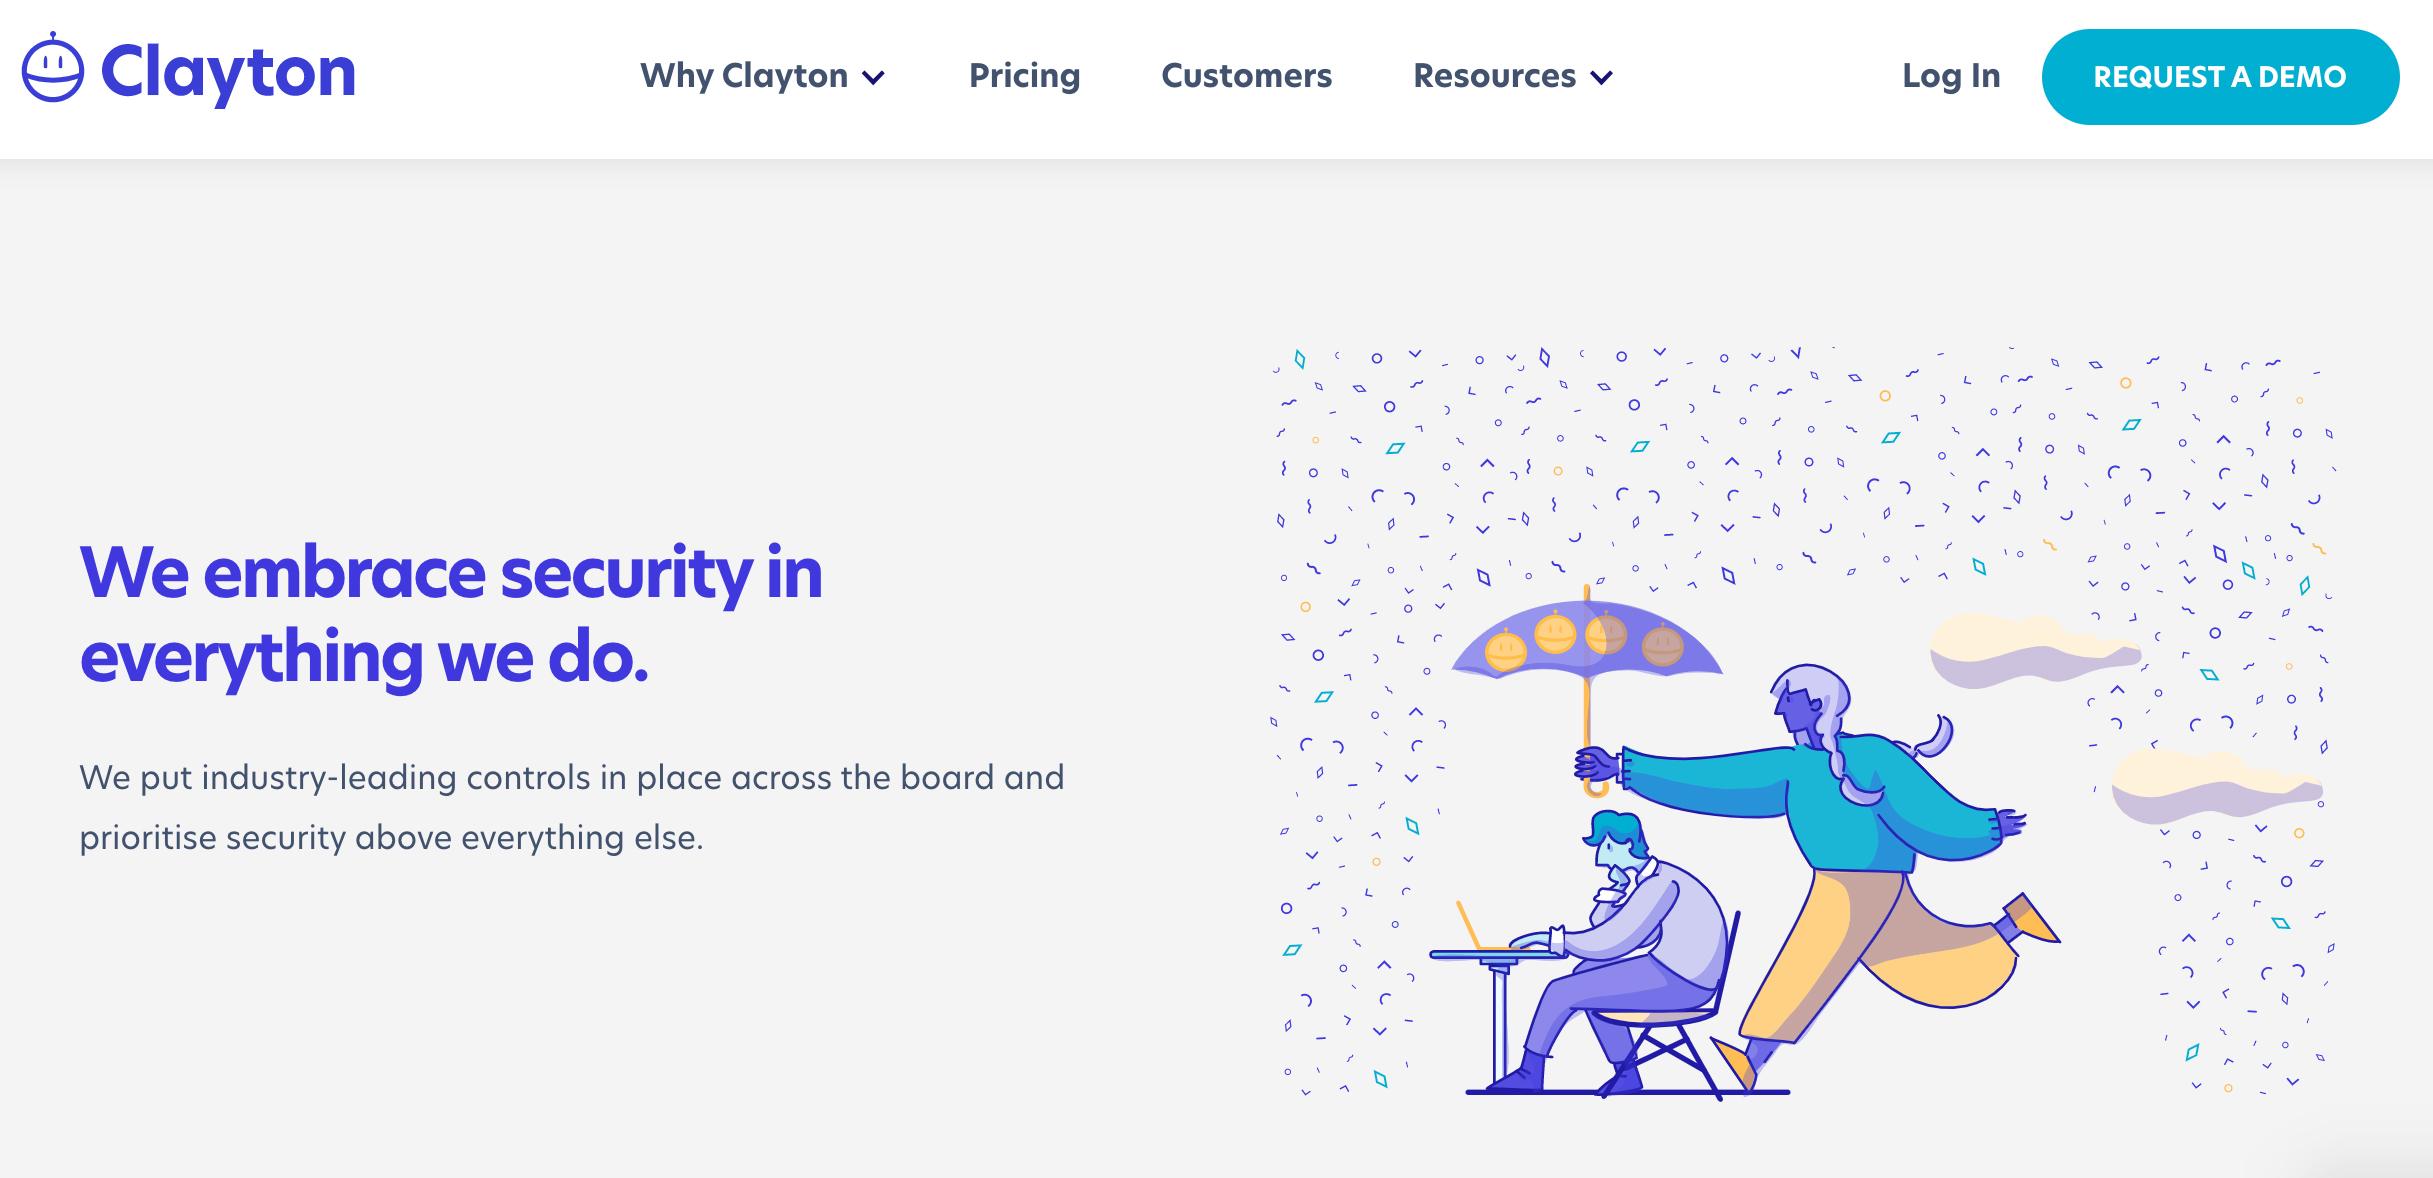 clayton-safety-illustration-tostoini